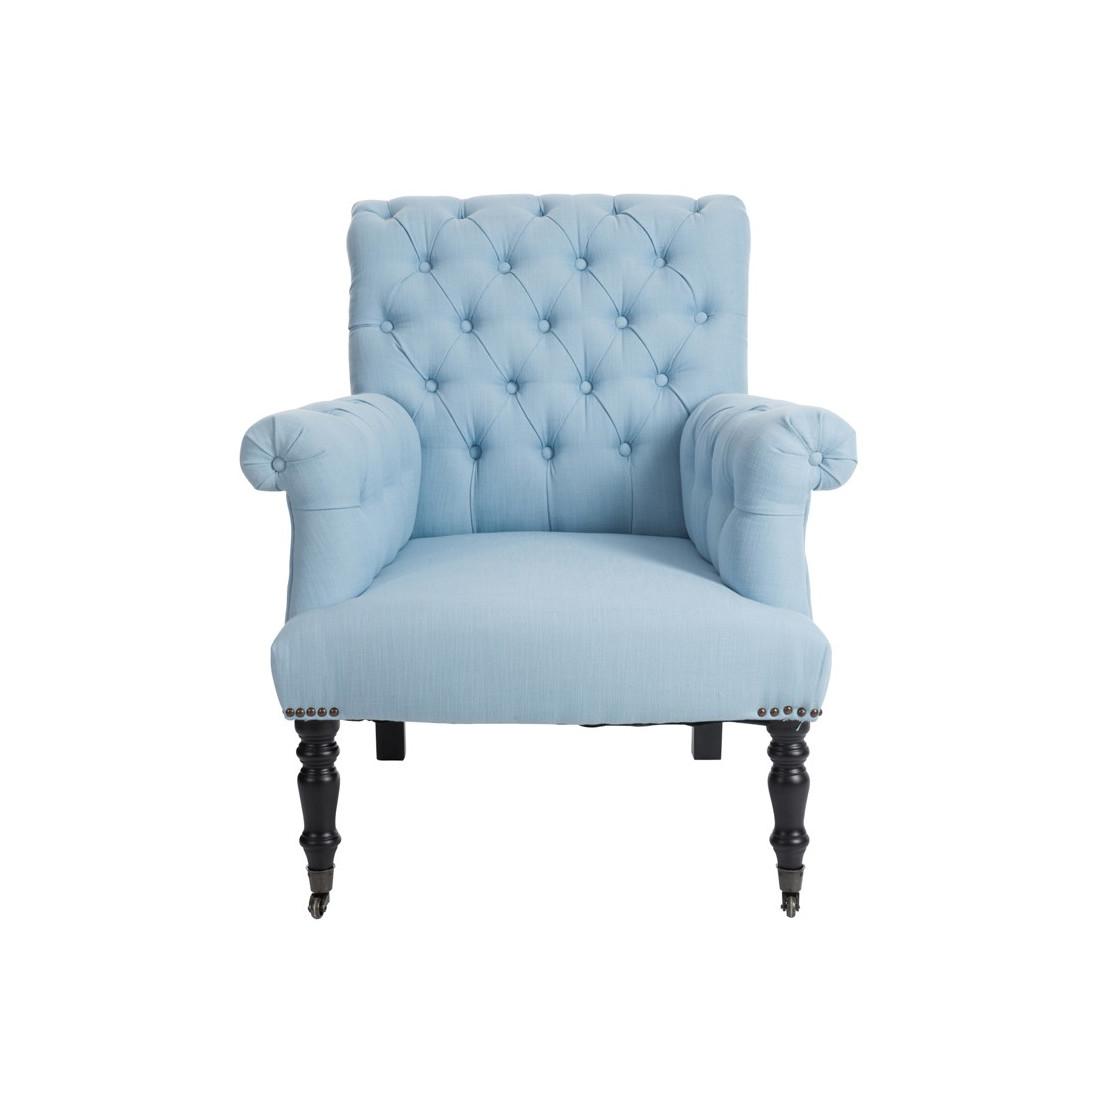 Fauteuil capitonn bleu henriette univers du salon et for Salon avec fauteuil